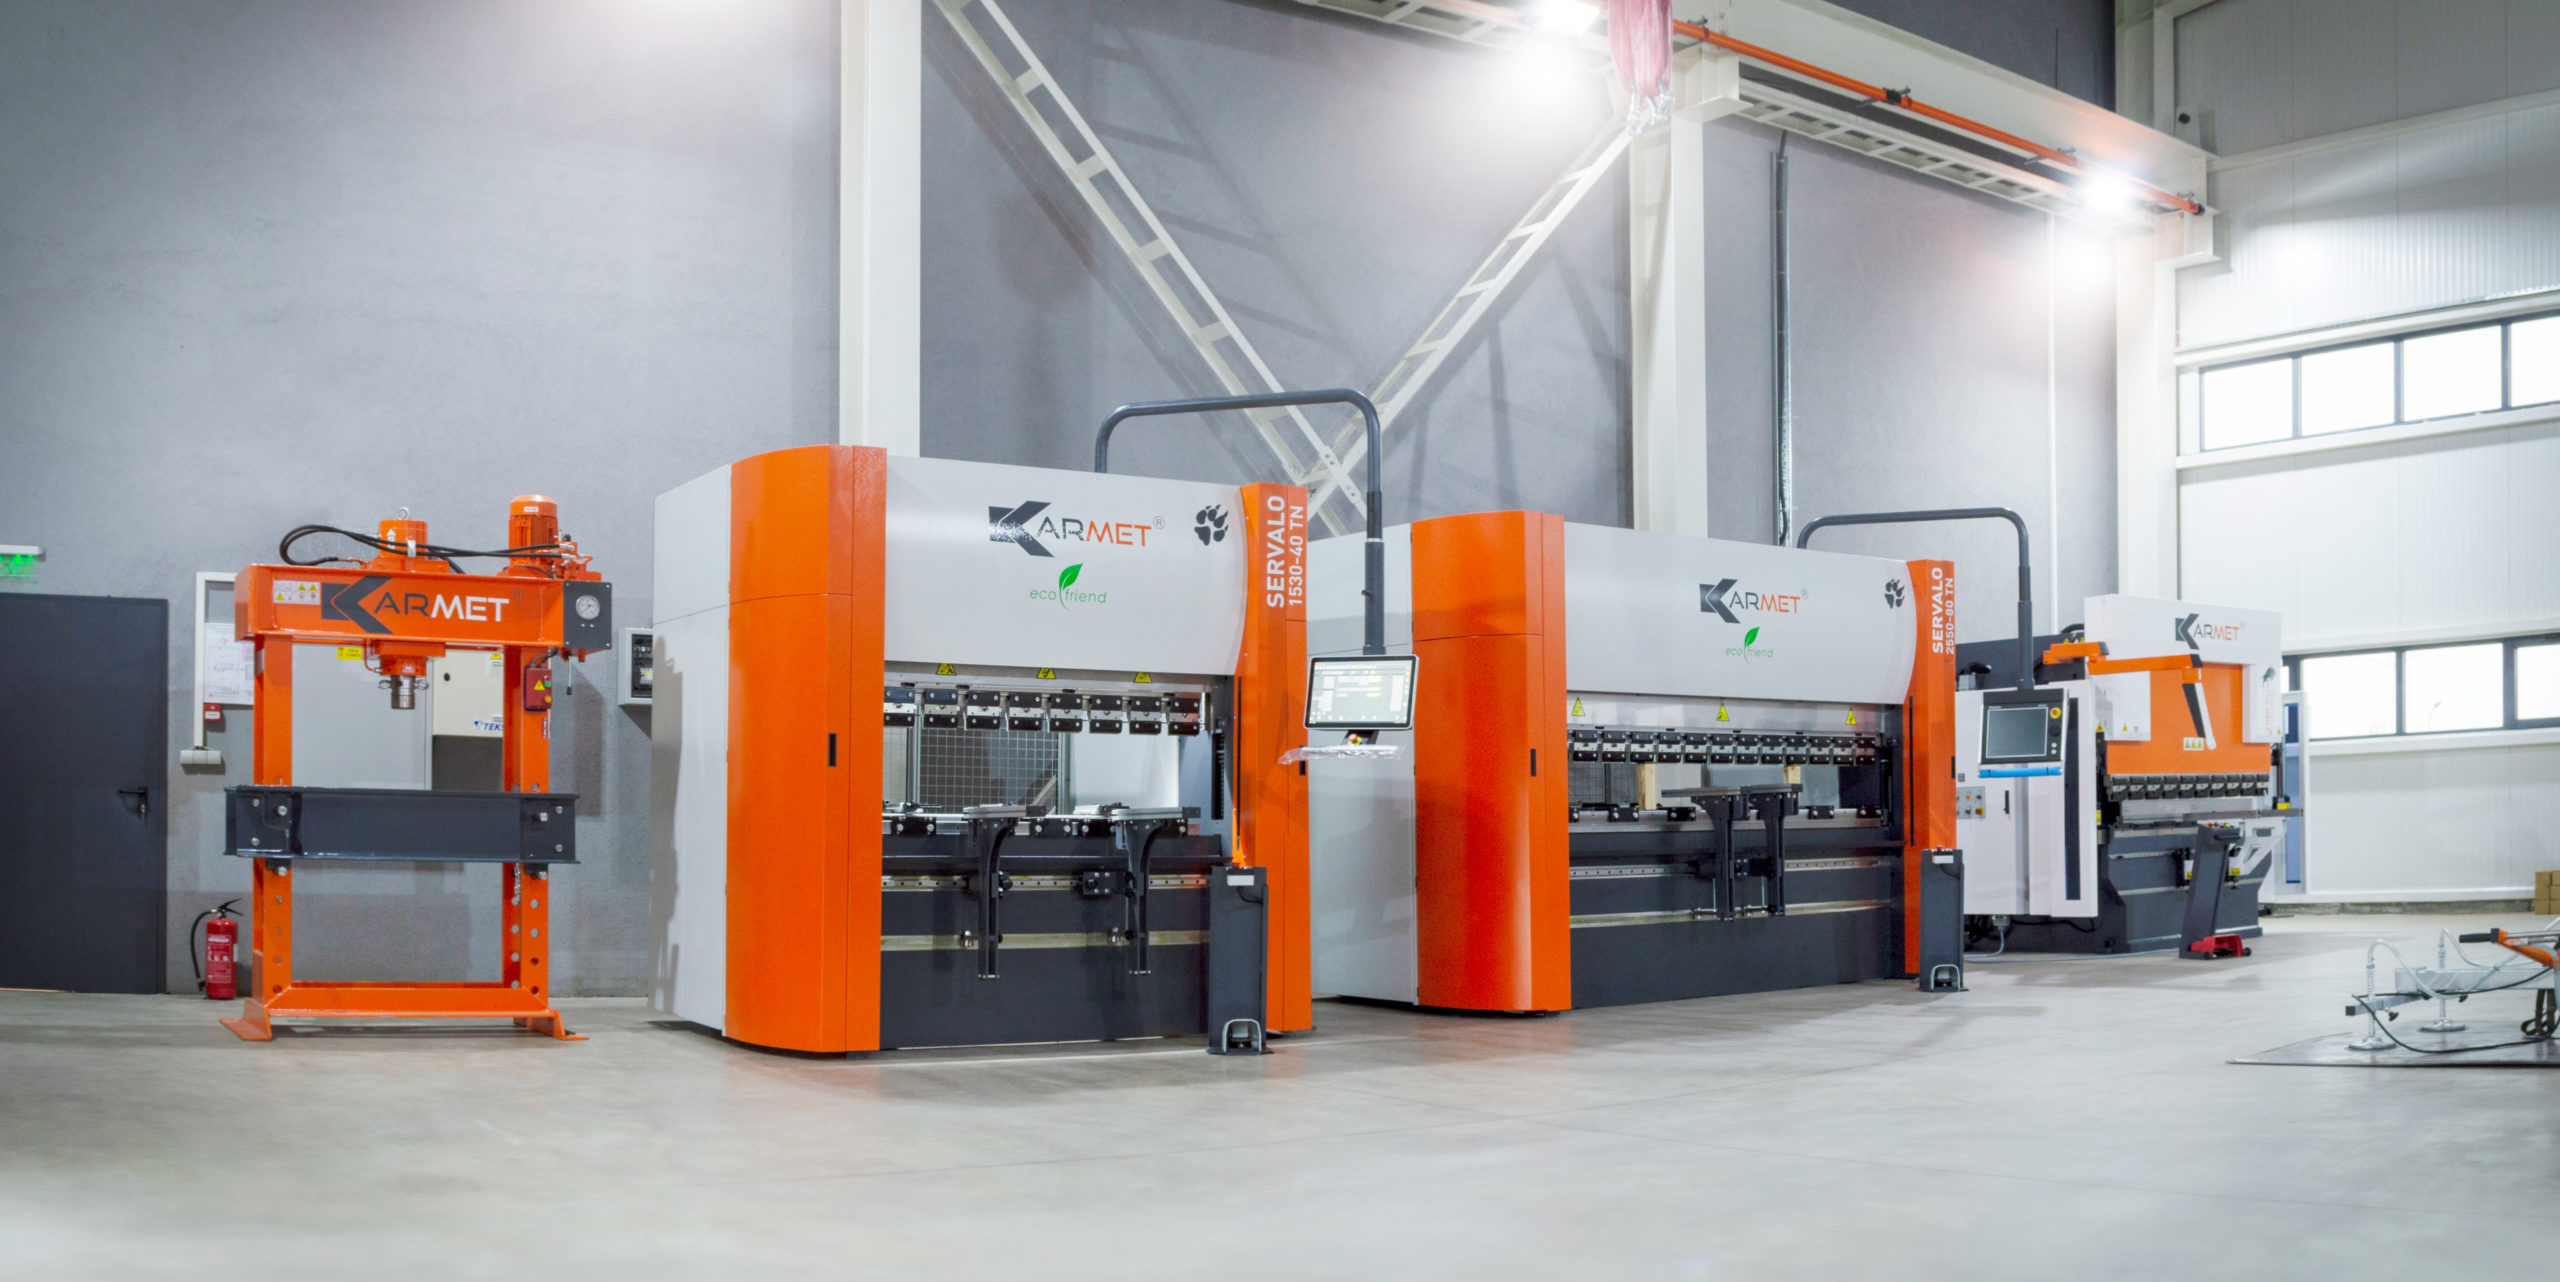 Няколко машини в складовата ни база, A few machines in our job shop